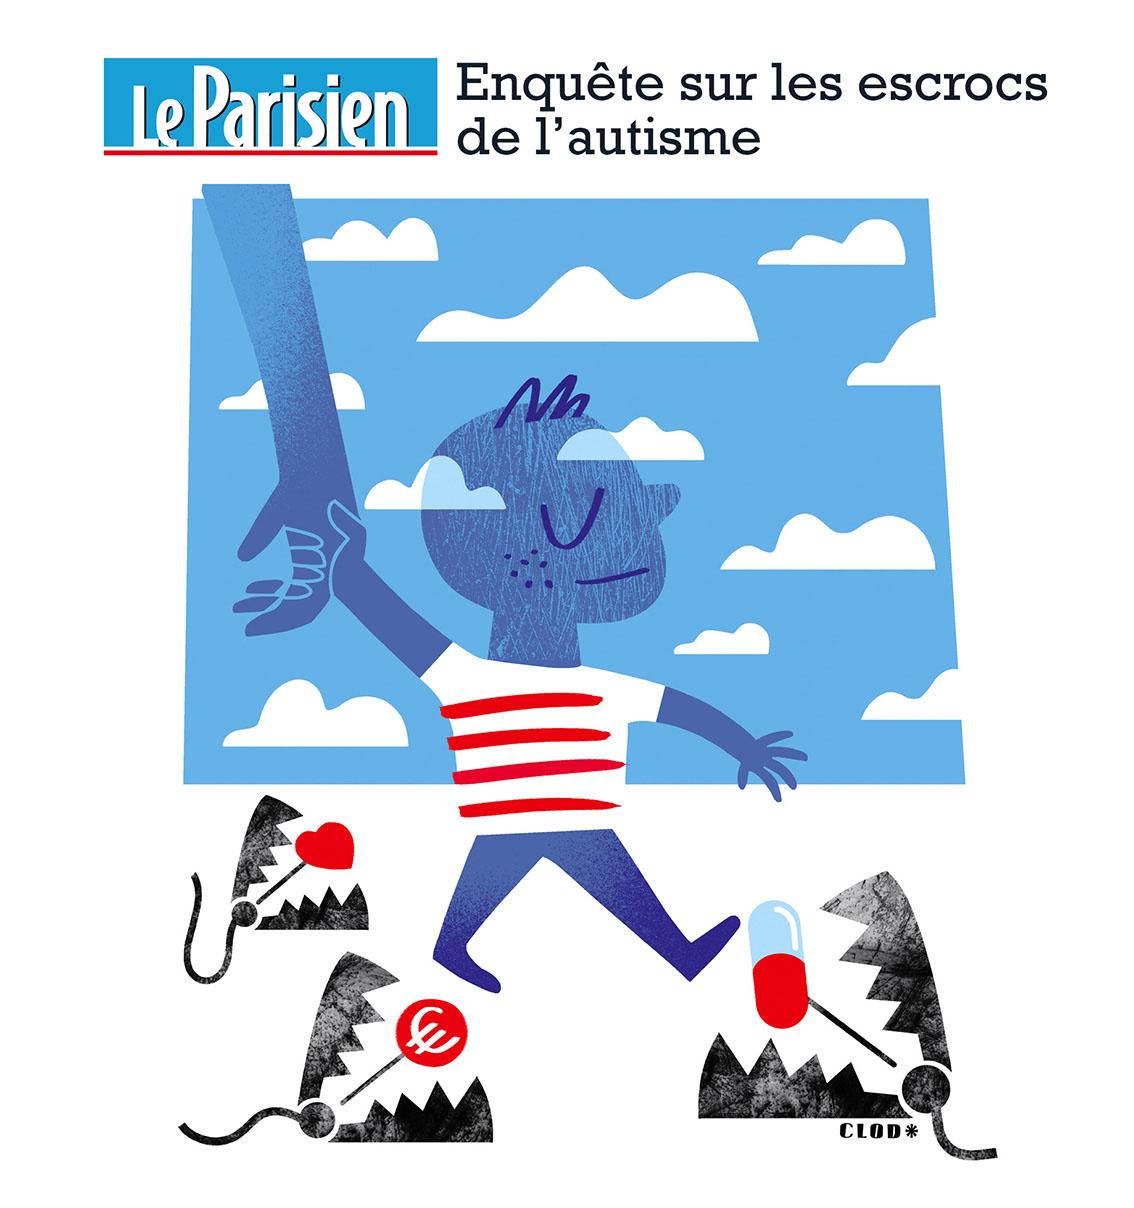 Clod illustration Le Parisien les escrocs de l'autisme